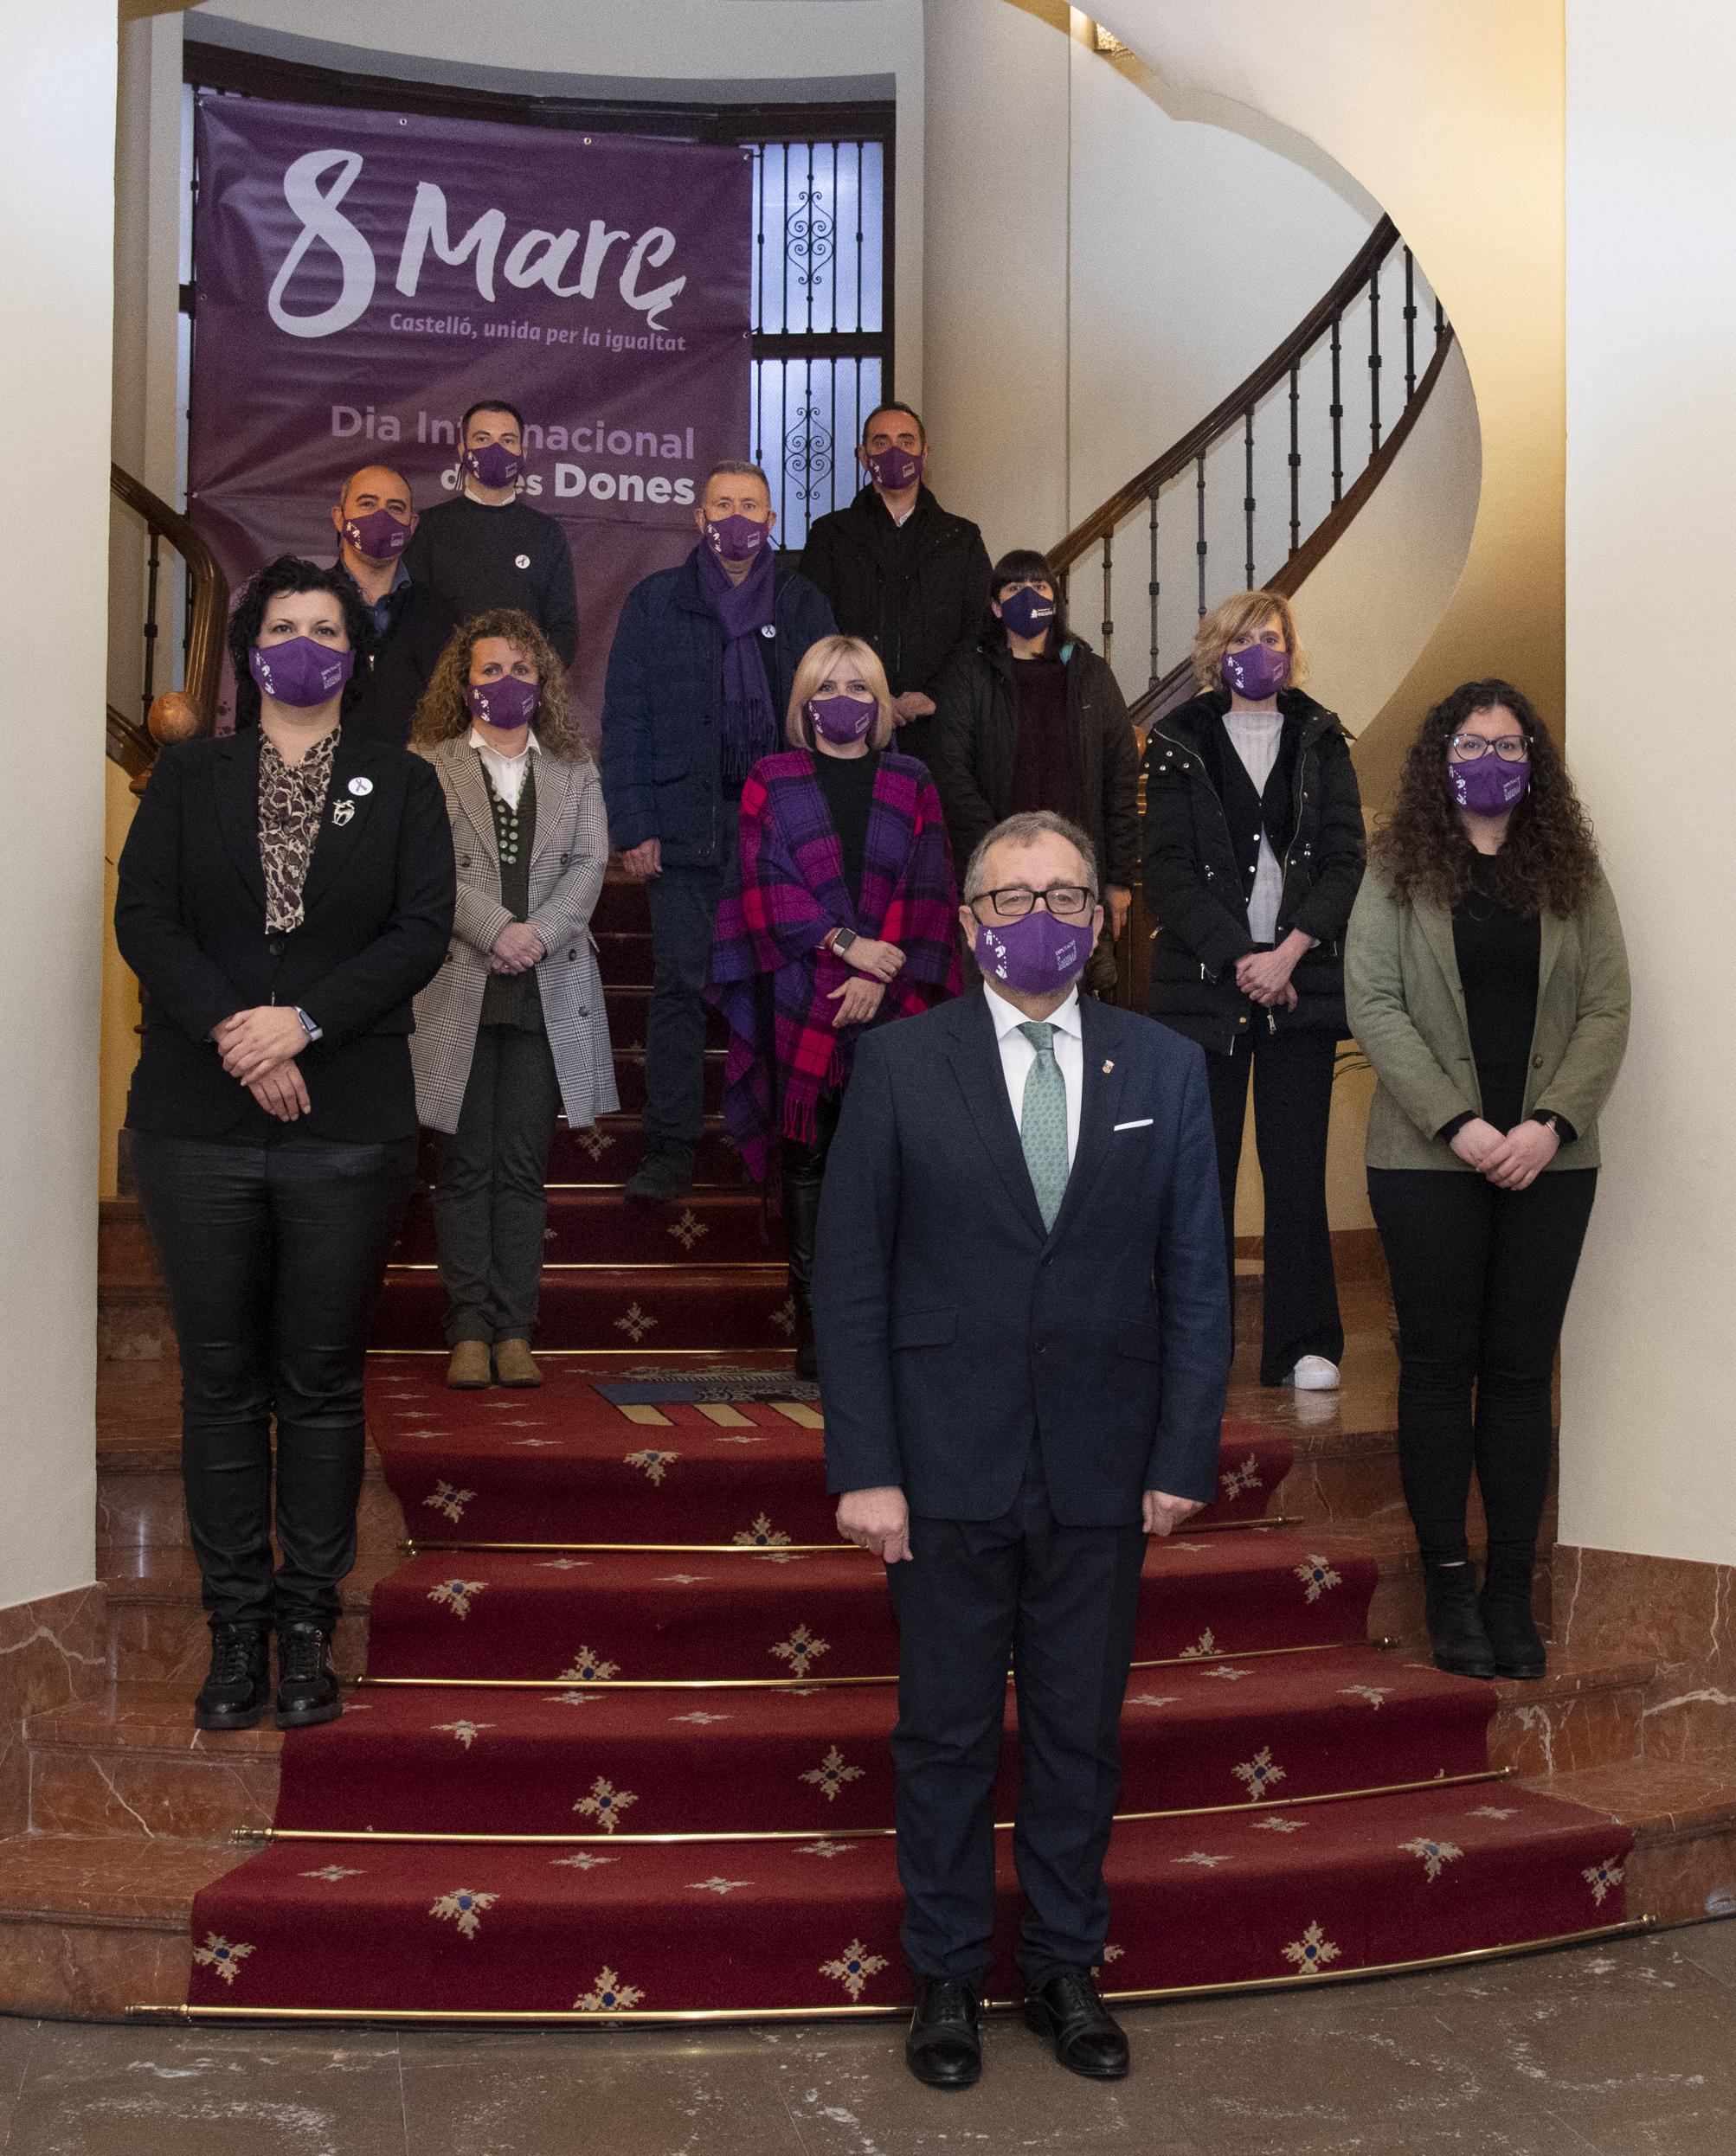 La Diputación de Castellón muestra unidad política en el 8M para reclamar una igualdad real y efectiva entre mujeres y hombres